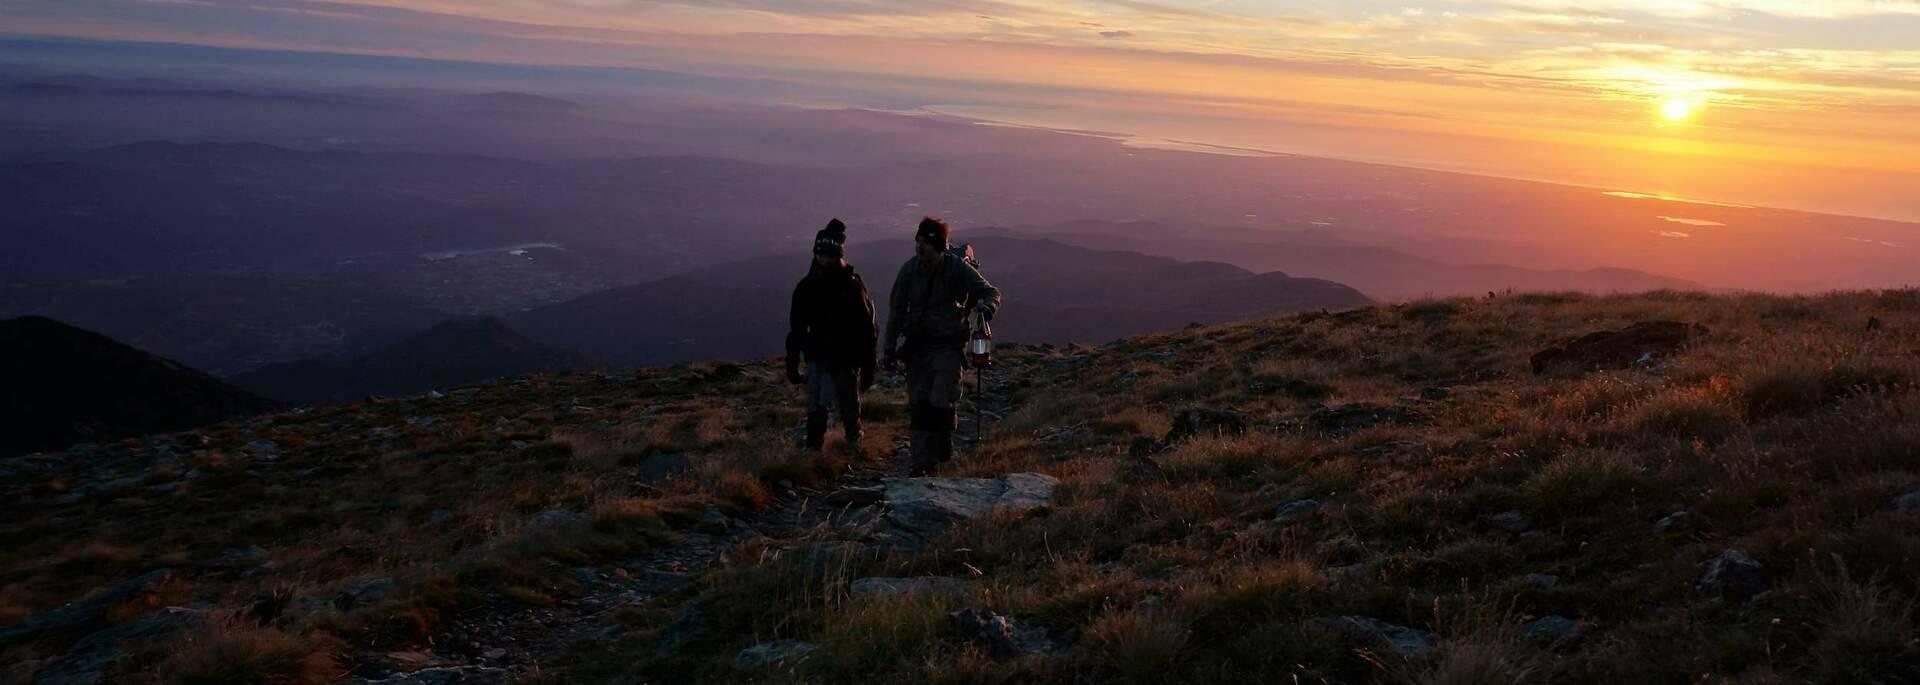 lever du jour sur le massif du canigo